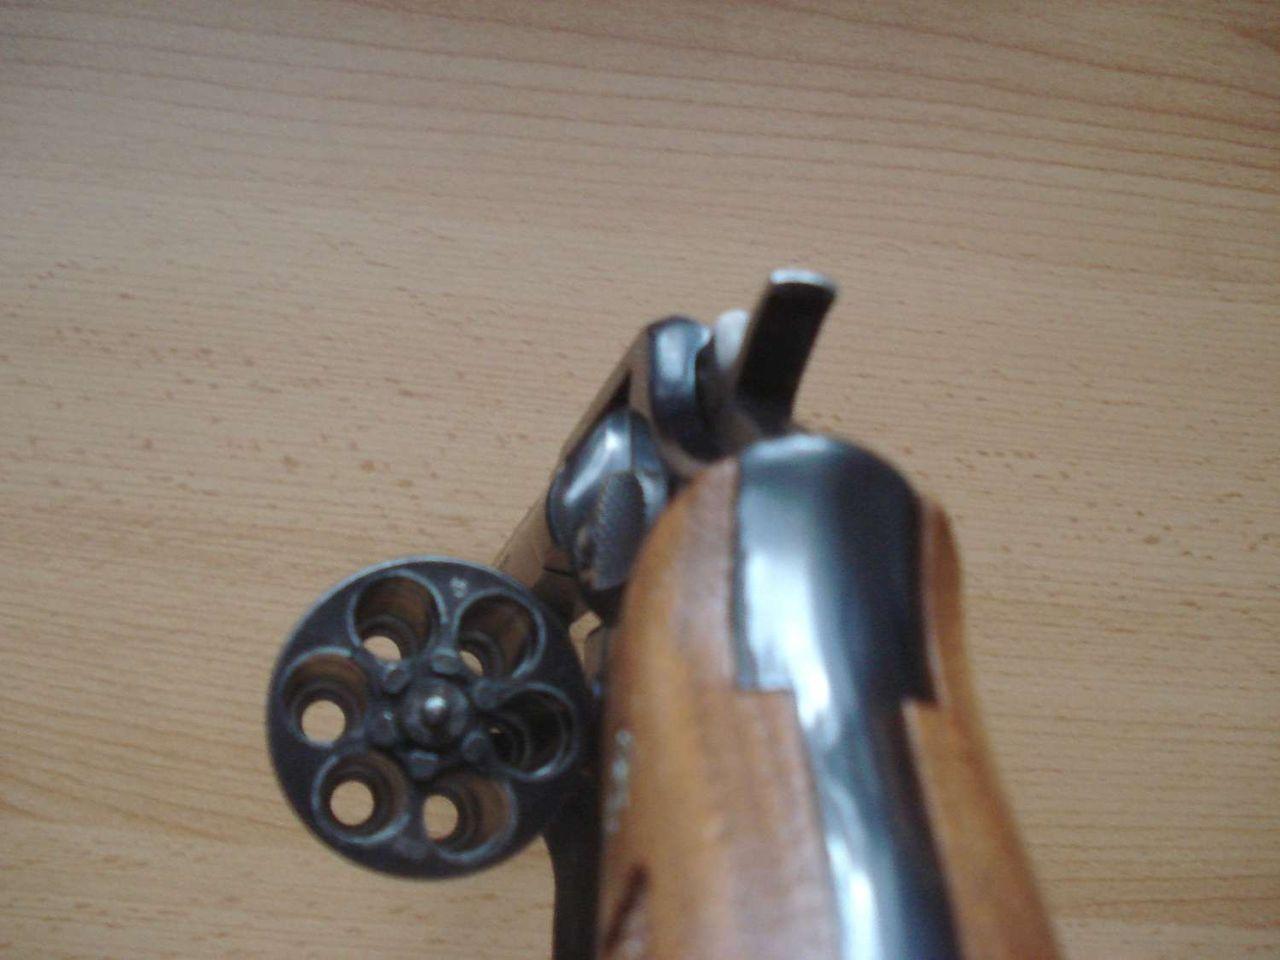 Переделка пневматического пистолета (МР-654К) в боевой 71